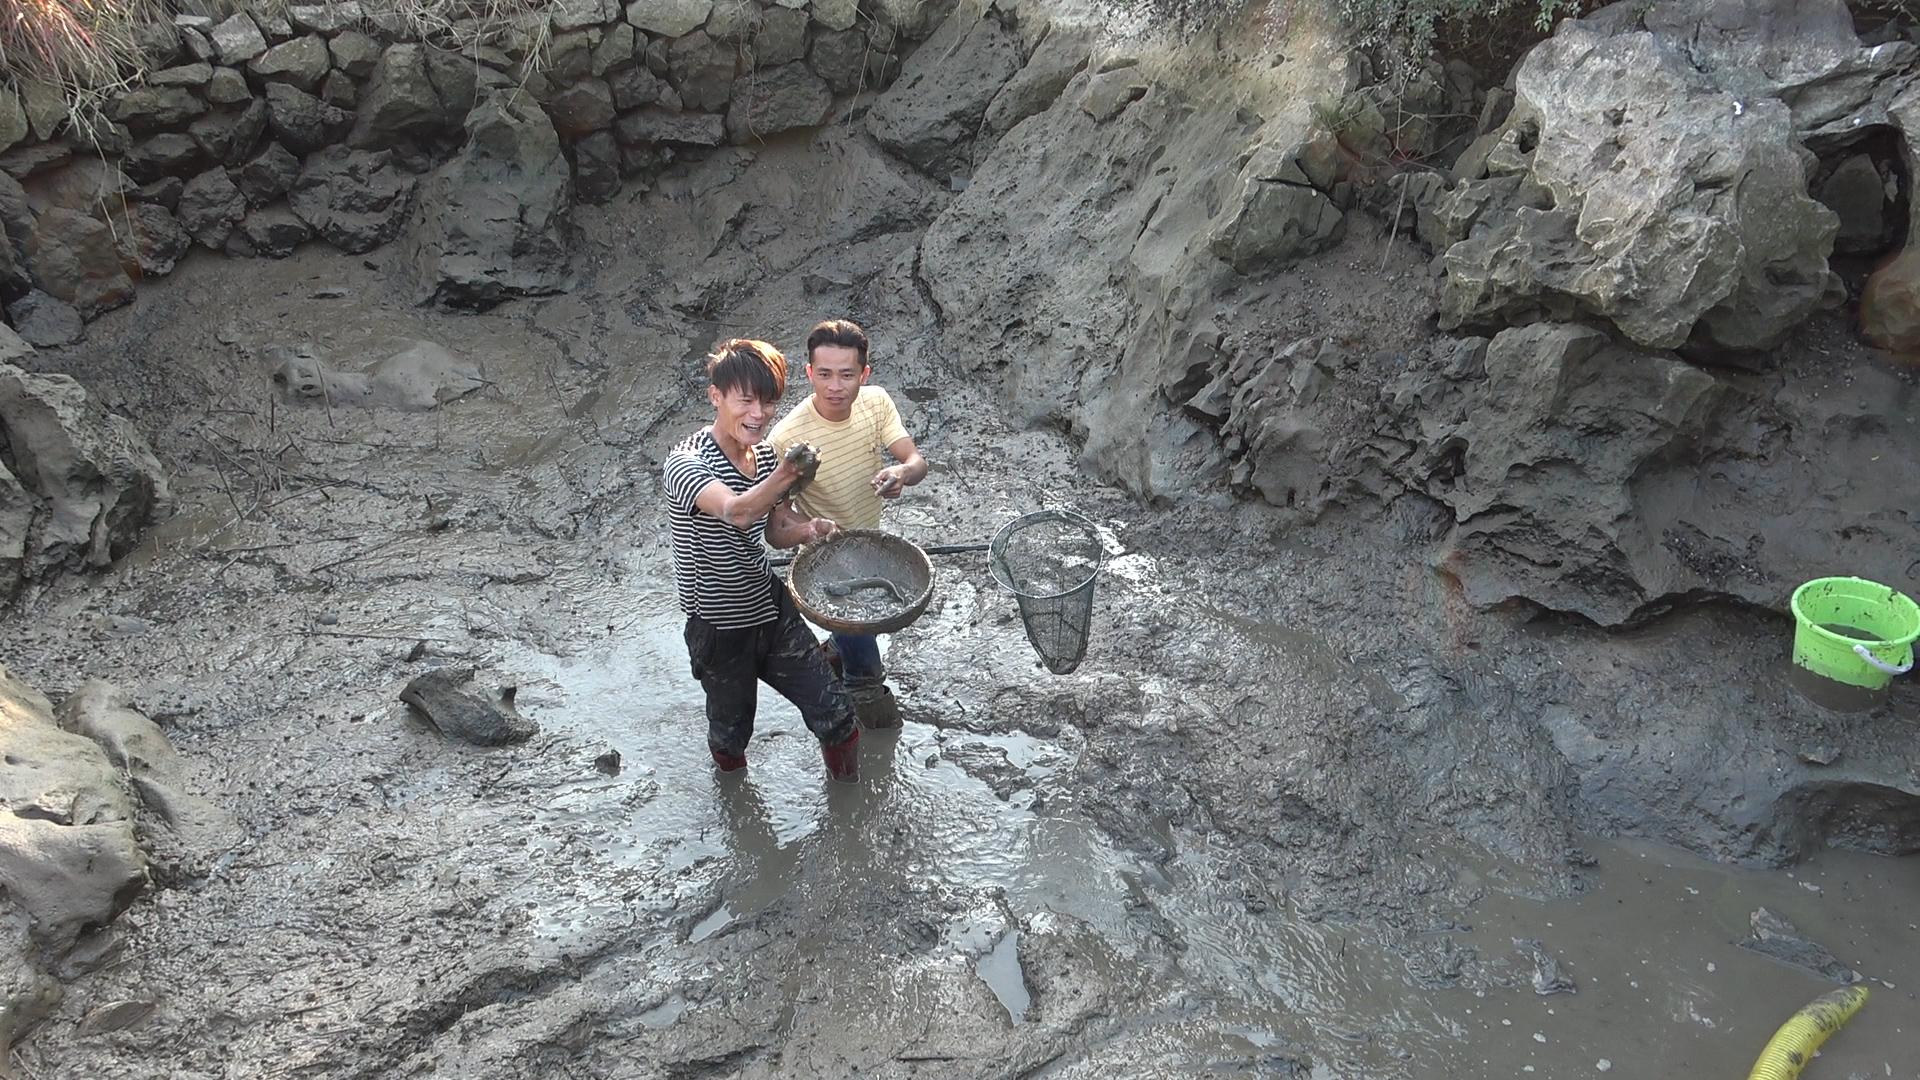 小明抽水抓鱼,两米深的大水坑狂抽2小时,80一斤的靓货抓到爆